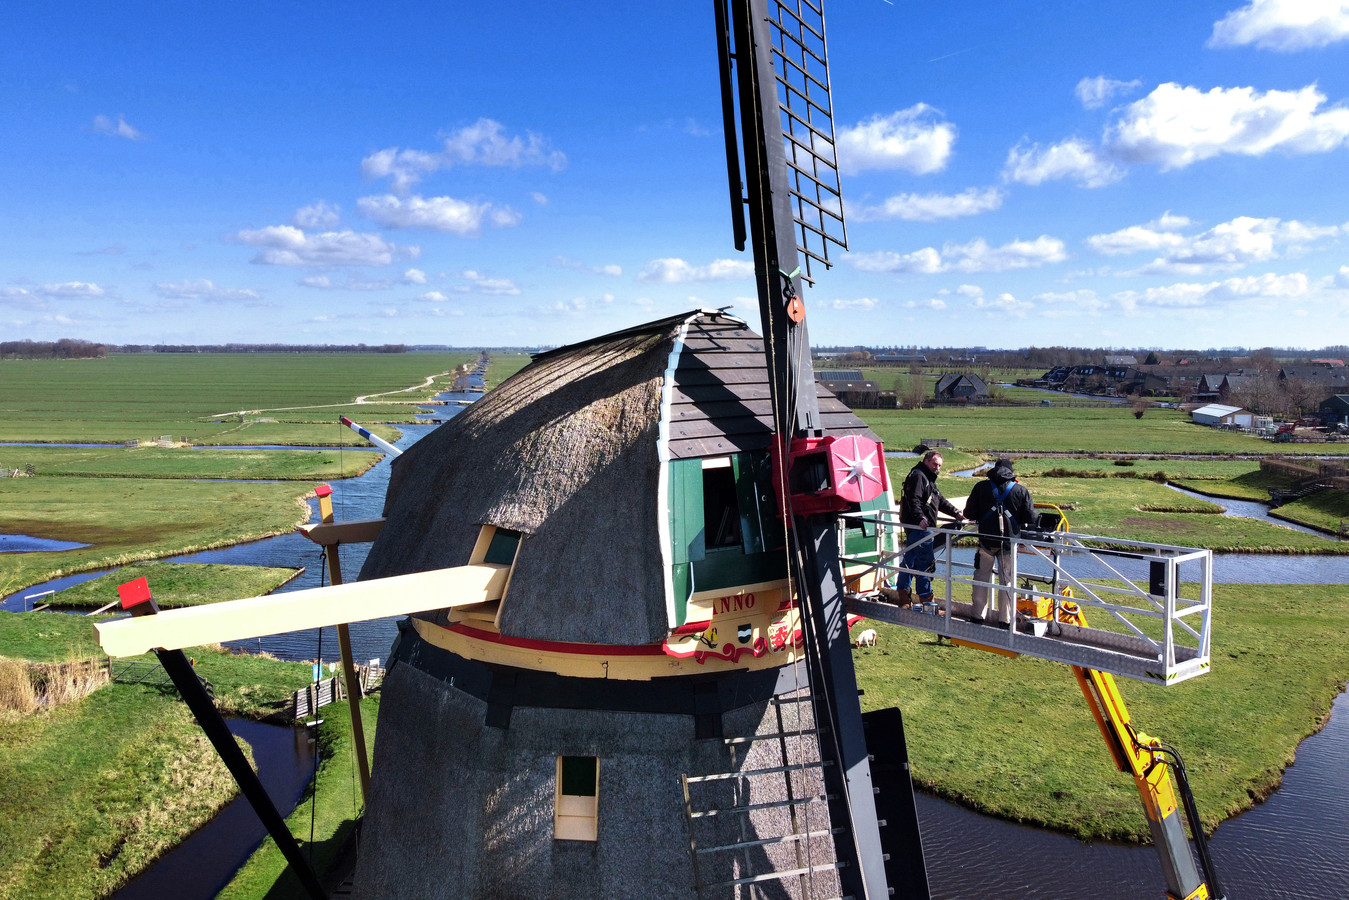 Acht maanden nadat er plotseling een wiek brak, zijn molenmakers nog volop in de weer met de Goudriaanse molen.